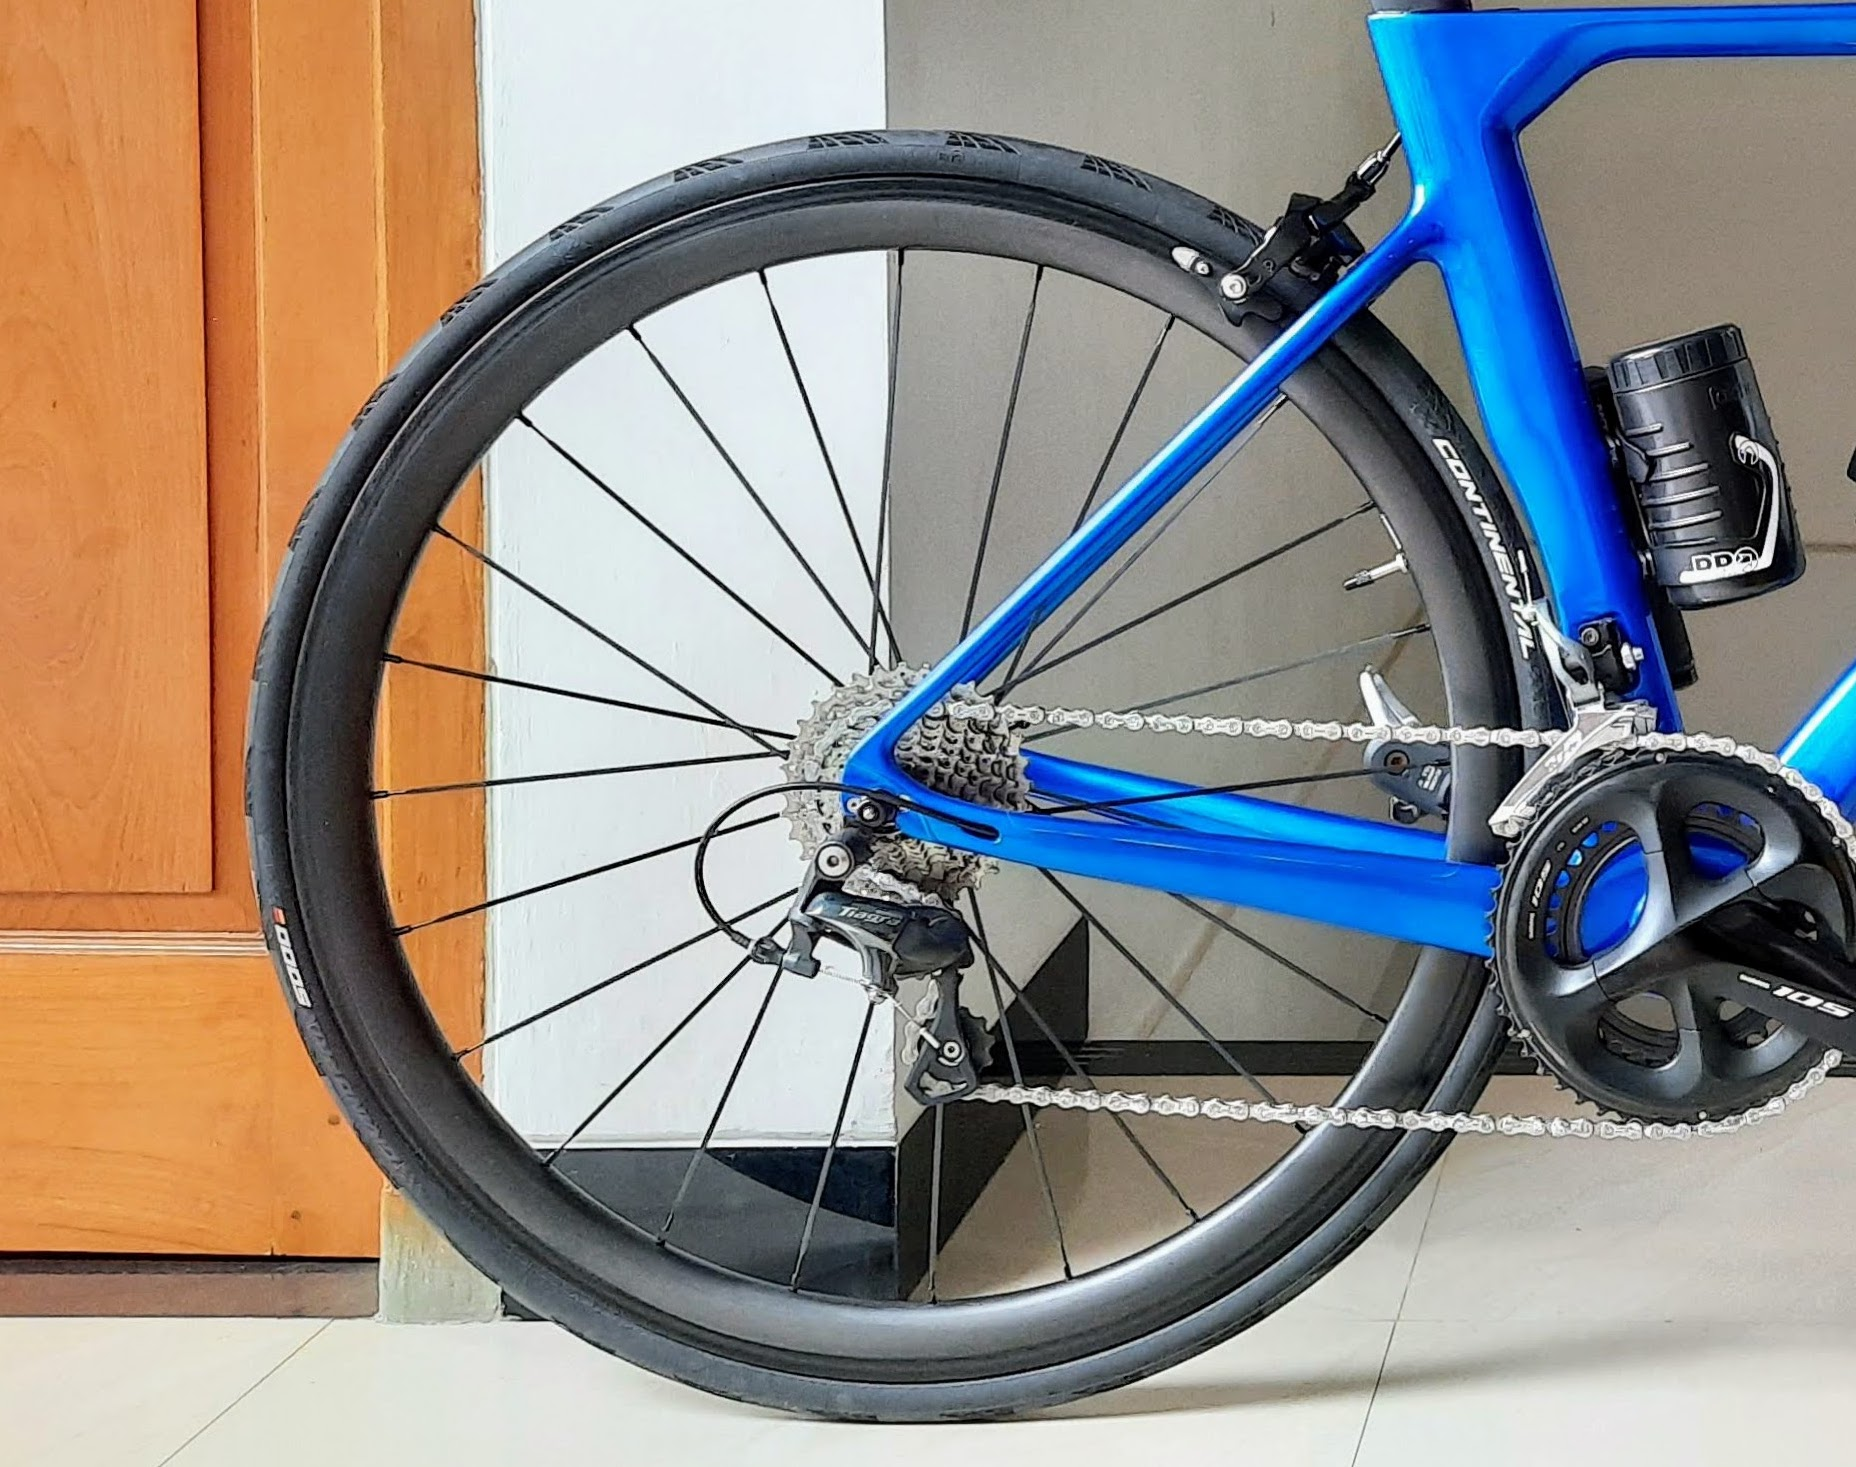 Impresi CSC Wheelset Dengan Hub Powerway R13 Ceramic Setelah 1000km